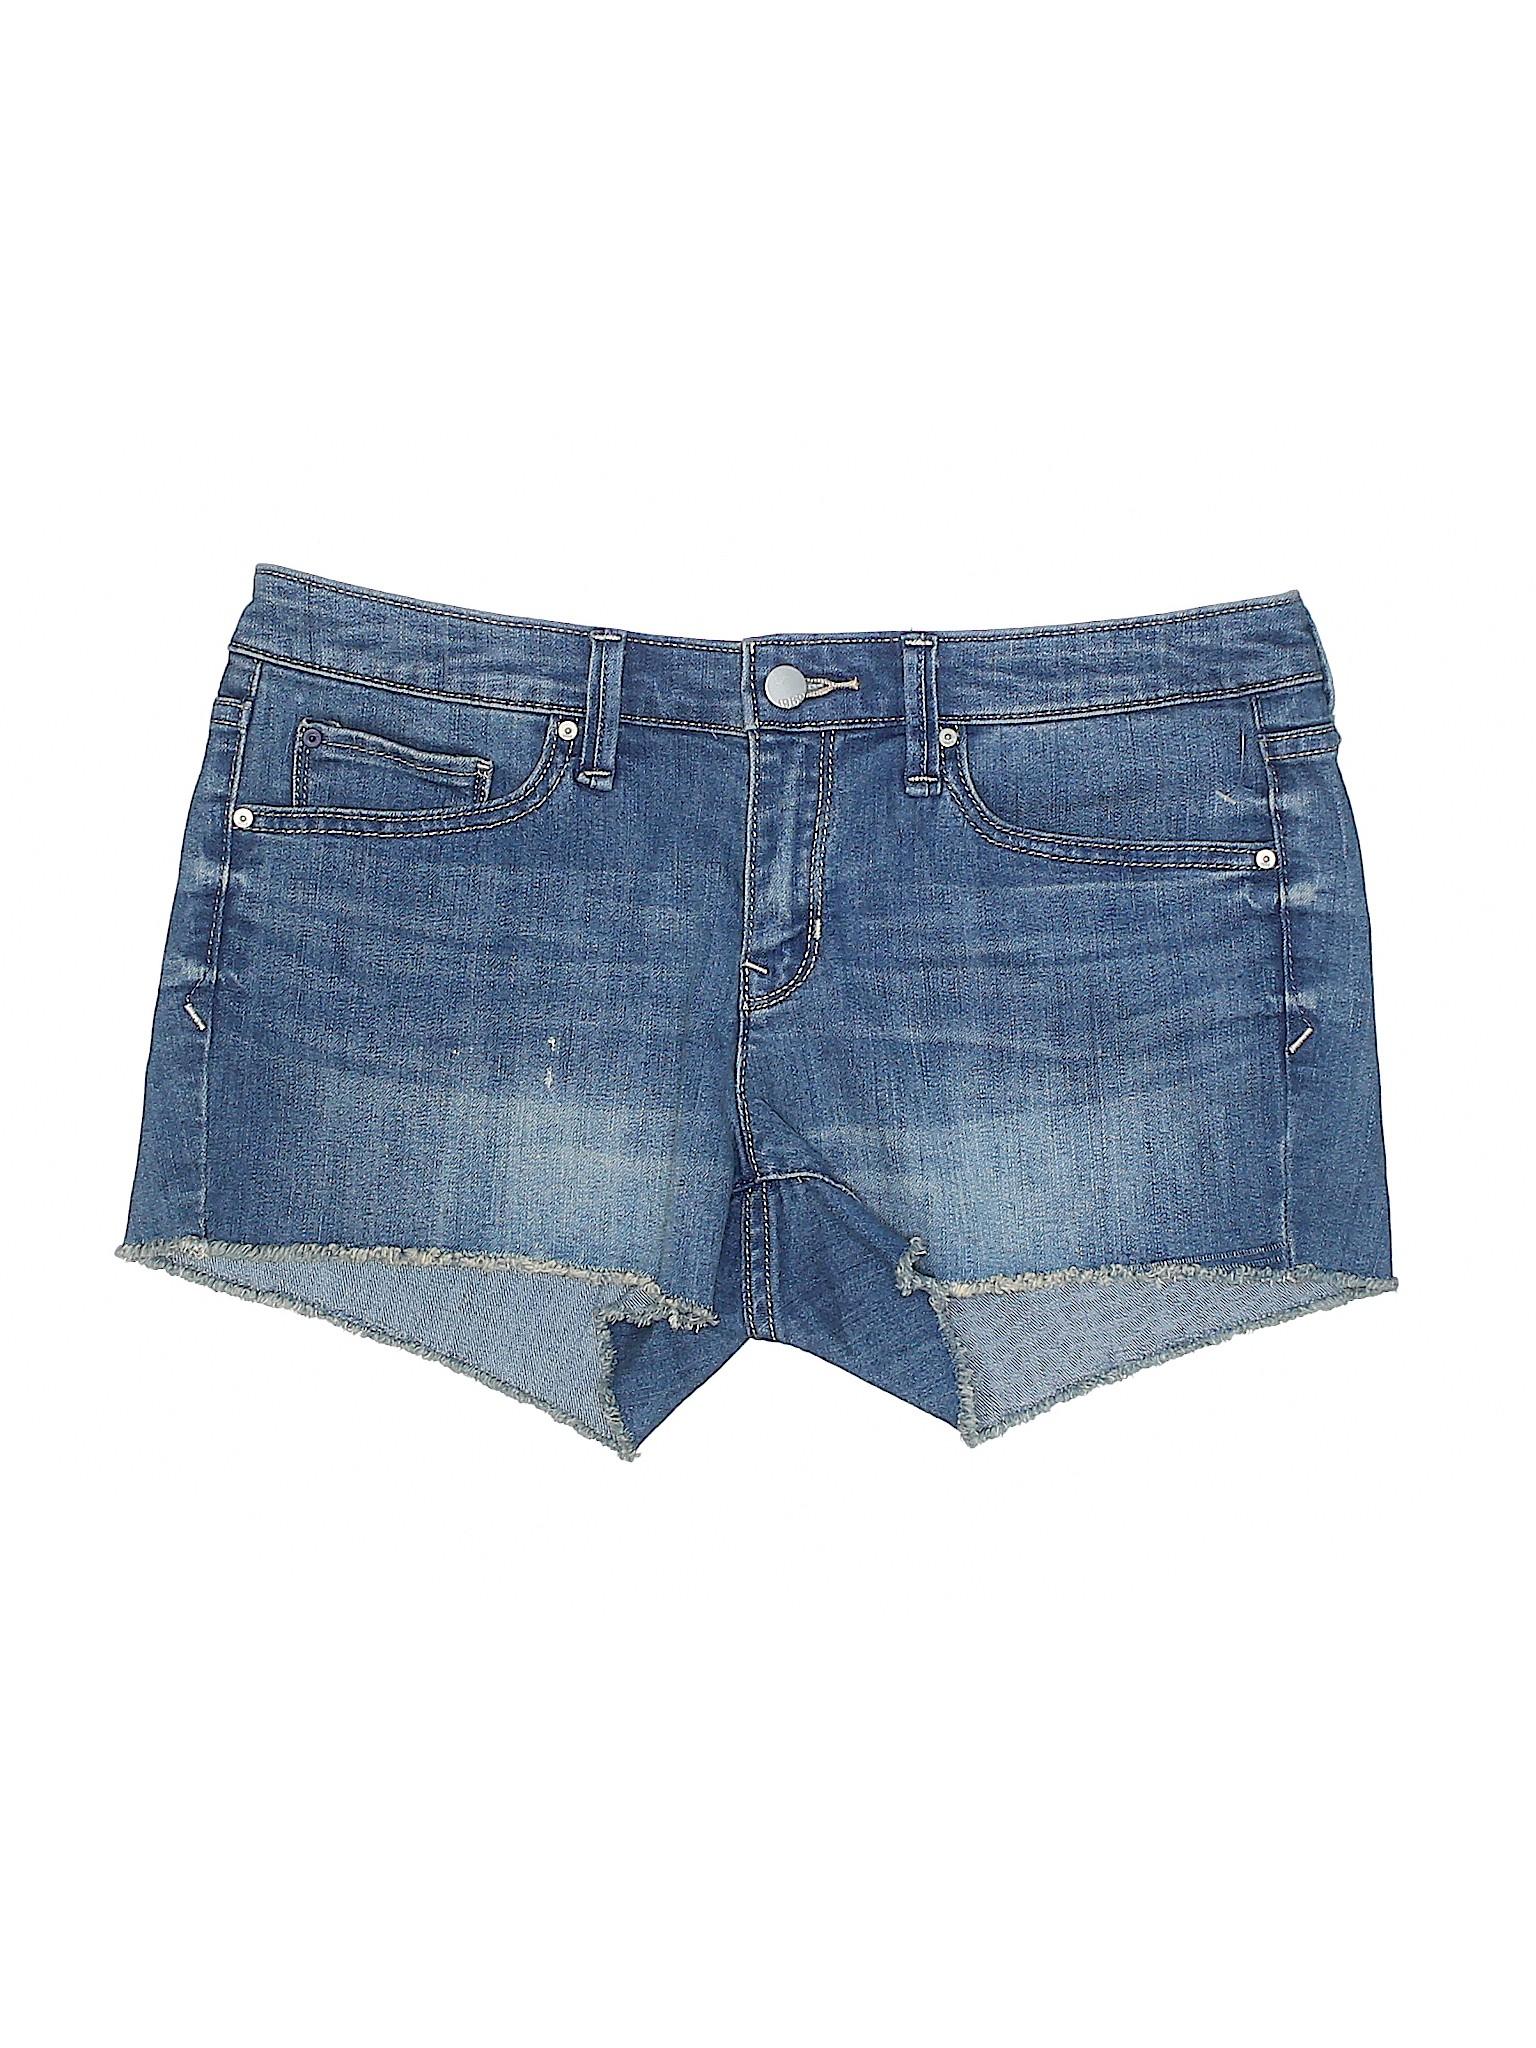 Gap Denim Shorts Gap Gap Shorts Shorts Denim Boutique Denim Shorts Boutique Denim Boutique Gap Boutique qIHwXdw